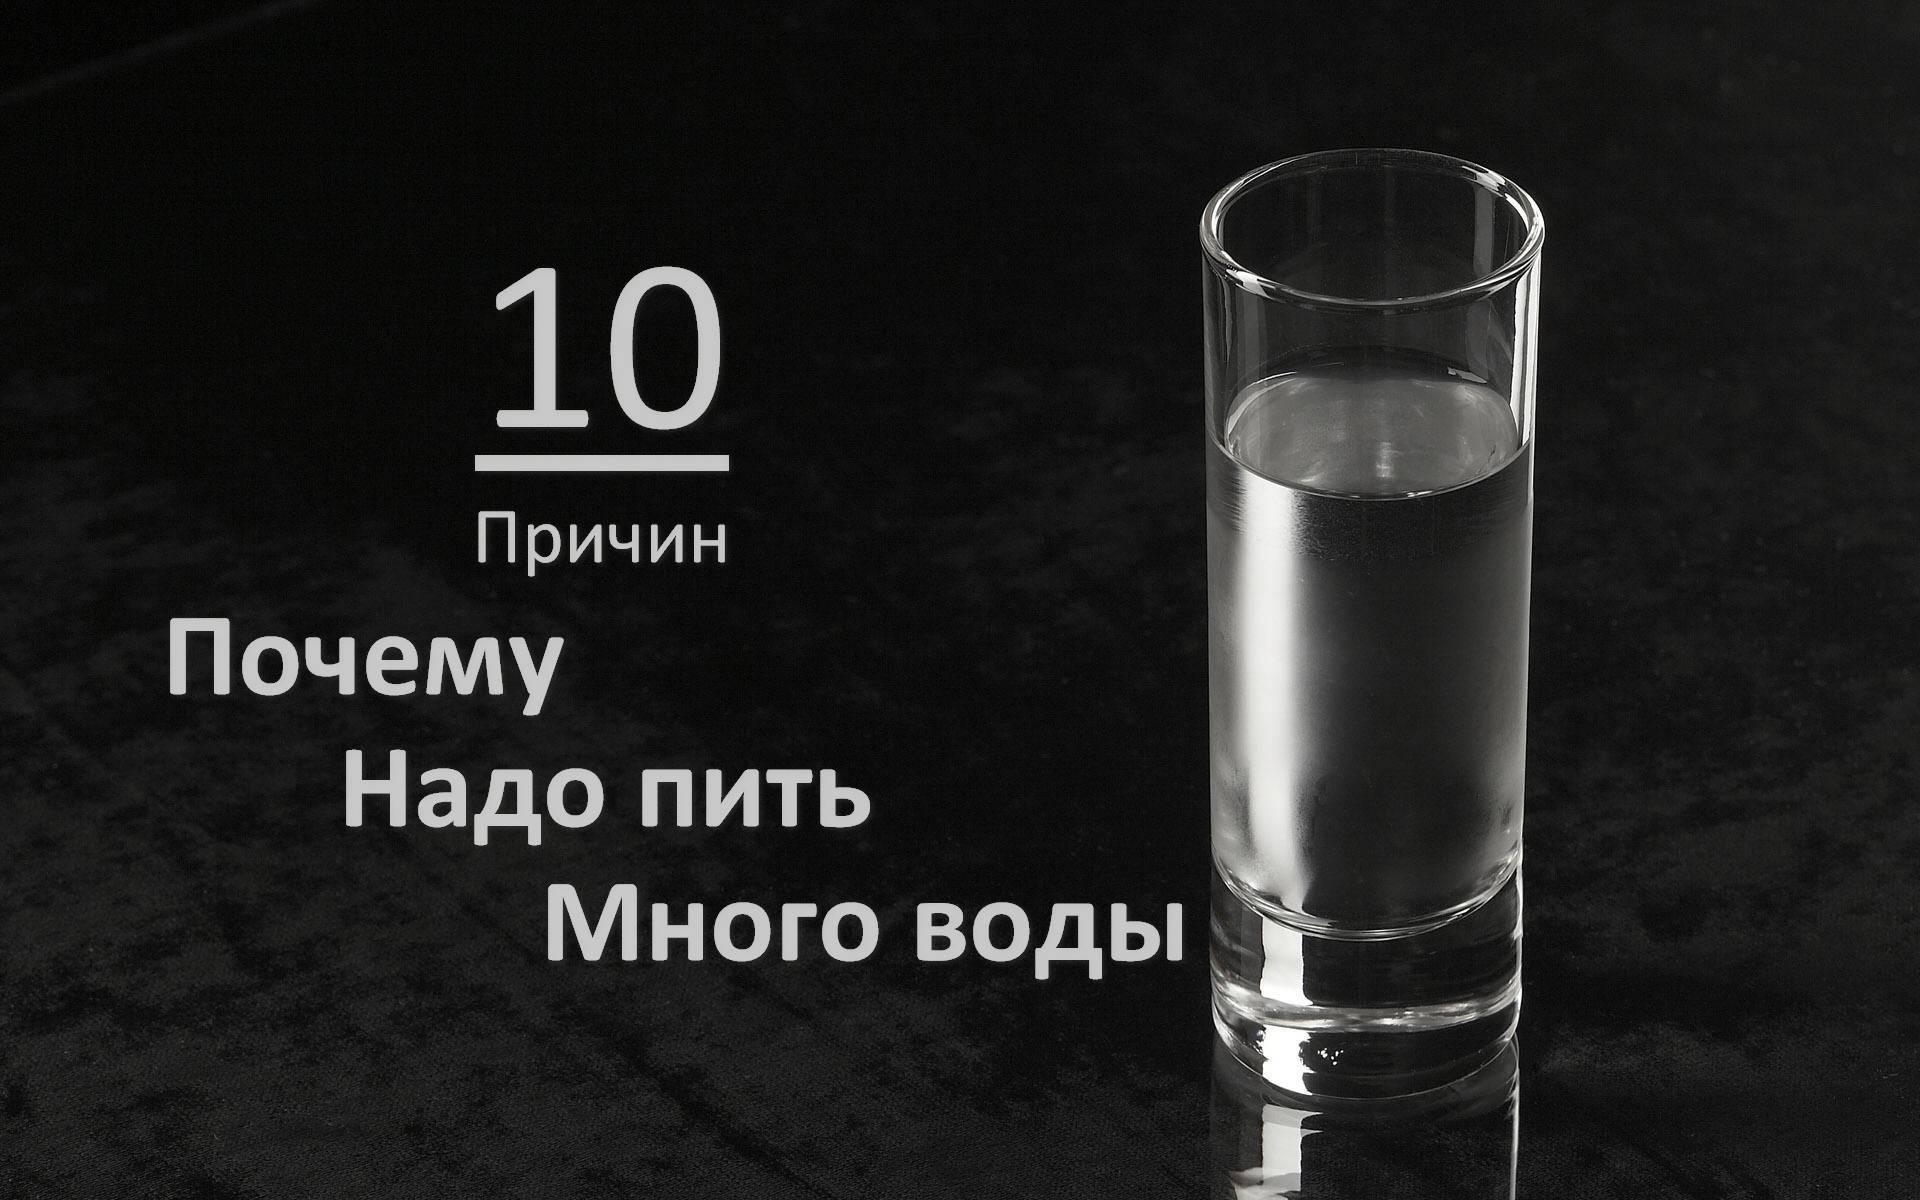 Почему кошка пьет много воды?